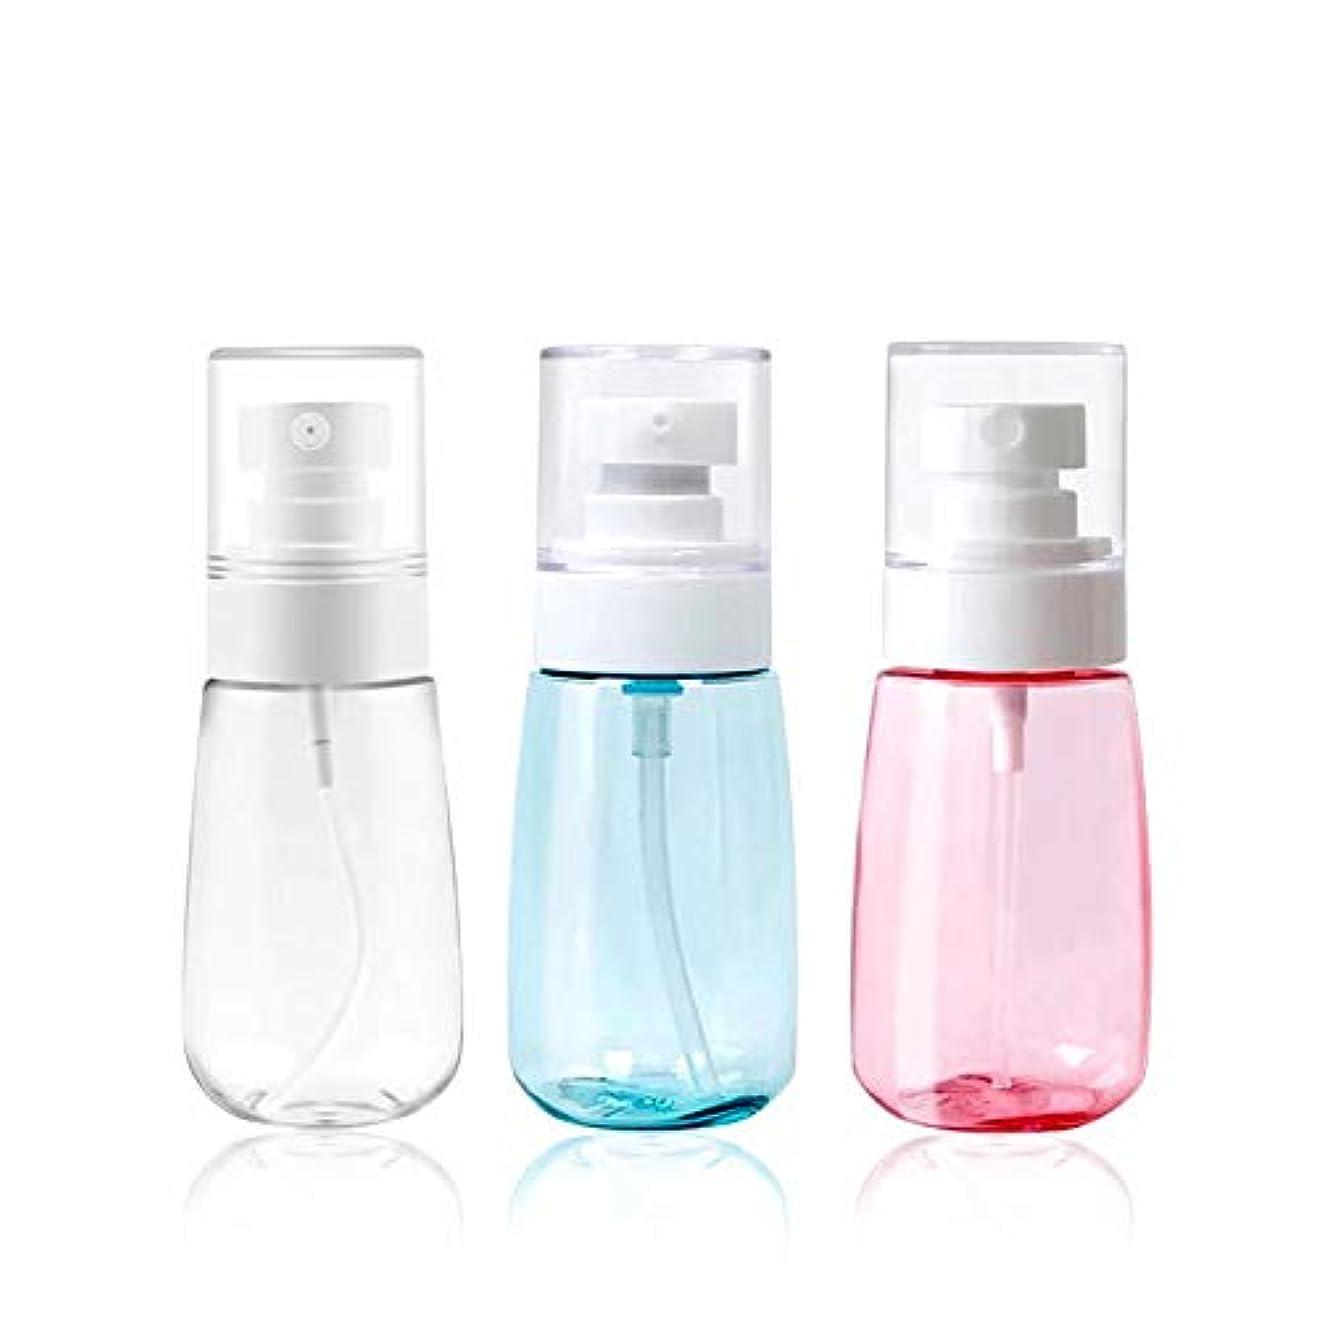 おんどり落ち着いて小道具3本入りエコPET製スプレーボルト 透明プラスチック化粧水用詰め替えボトル 旅行用の霧吹き アルコール消毒用小分け容器 アトマイザー (60ML 3色セット)